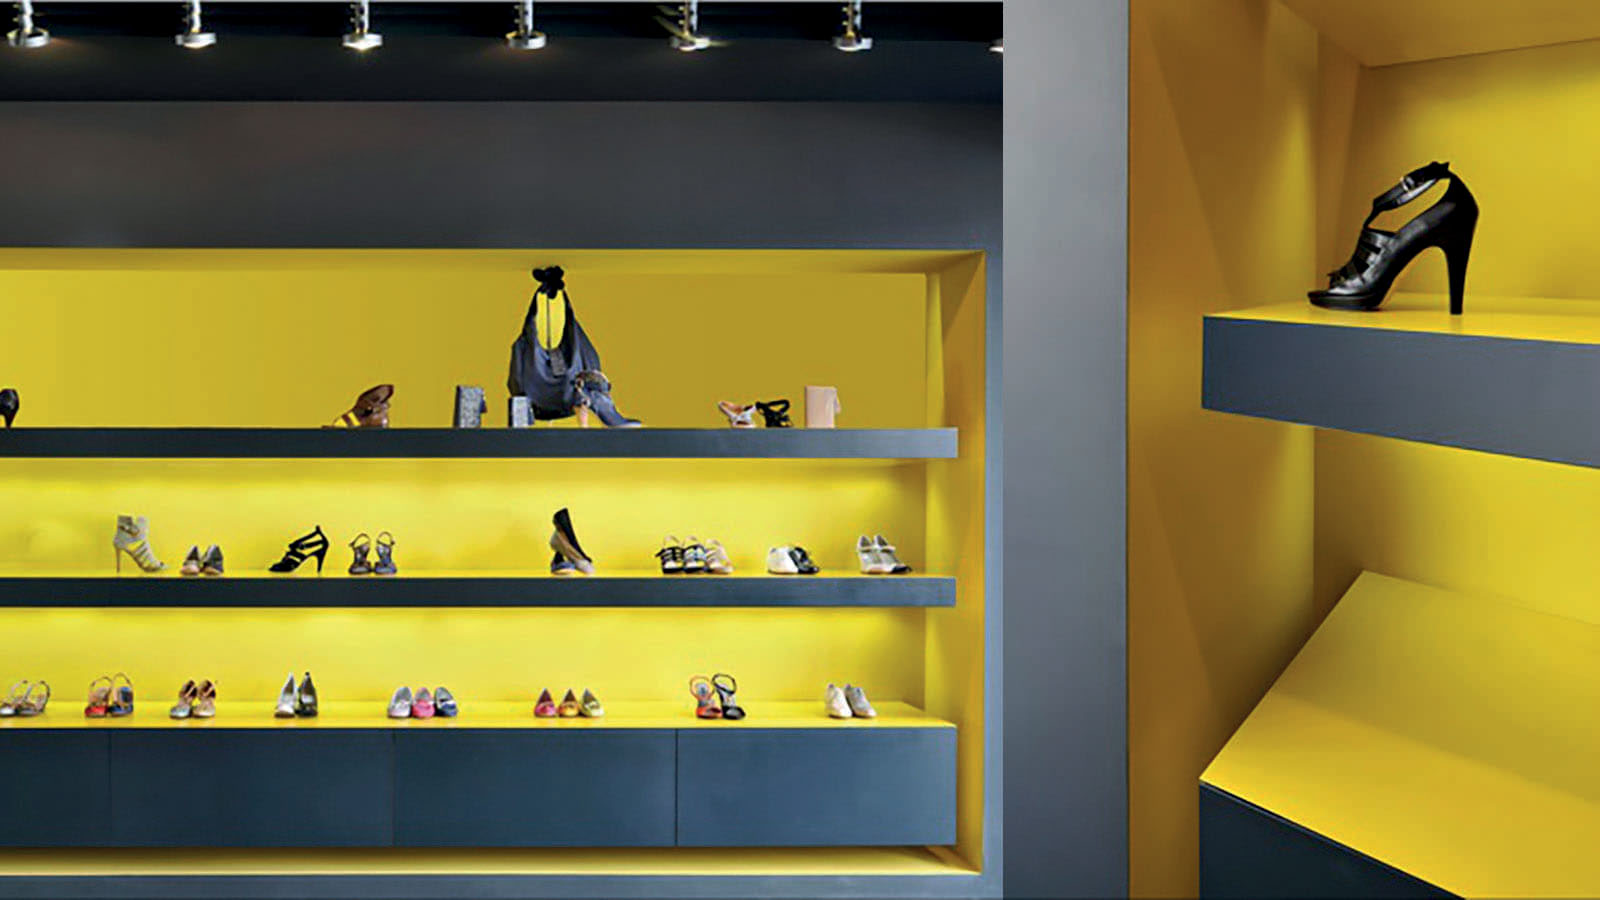 EFI Design Boutique Escalona Paris Efi Design 3 929